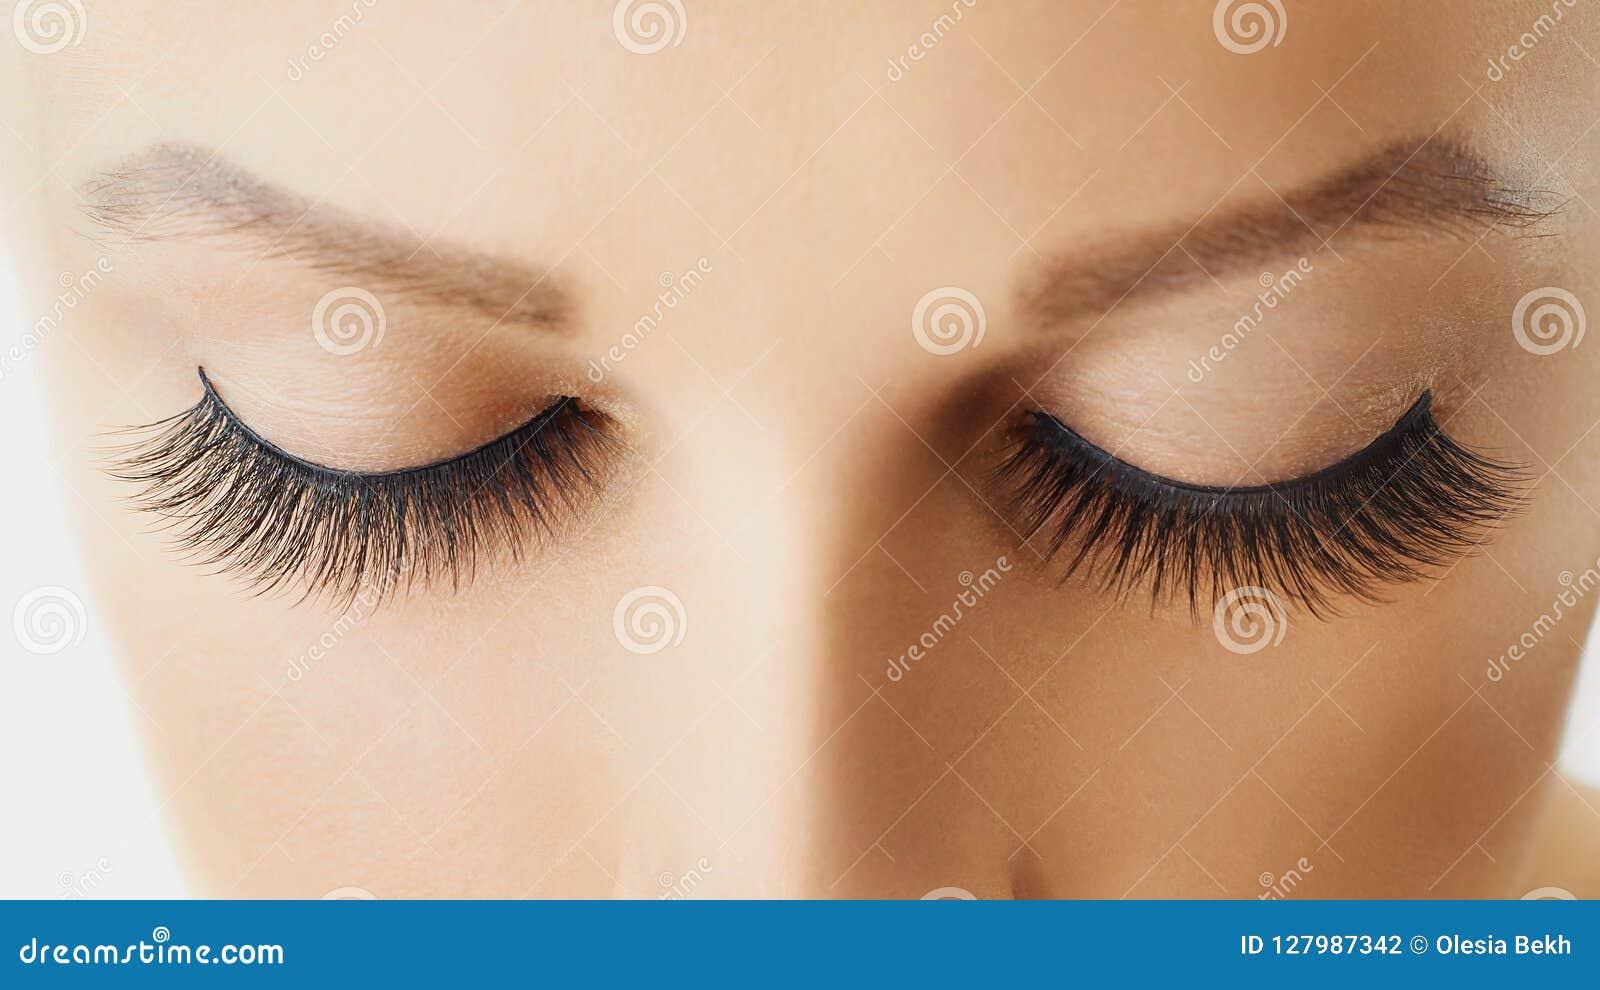 Θηλυκό μάτι με τα ακραία μακροχρόνια ψεύτικα eyelashes Επεκτάσεις Eyelash, σύνθεση, καλλυντικά, ομορφιά και φροντίδα δέρματος